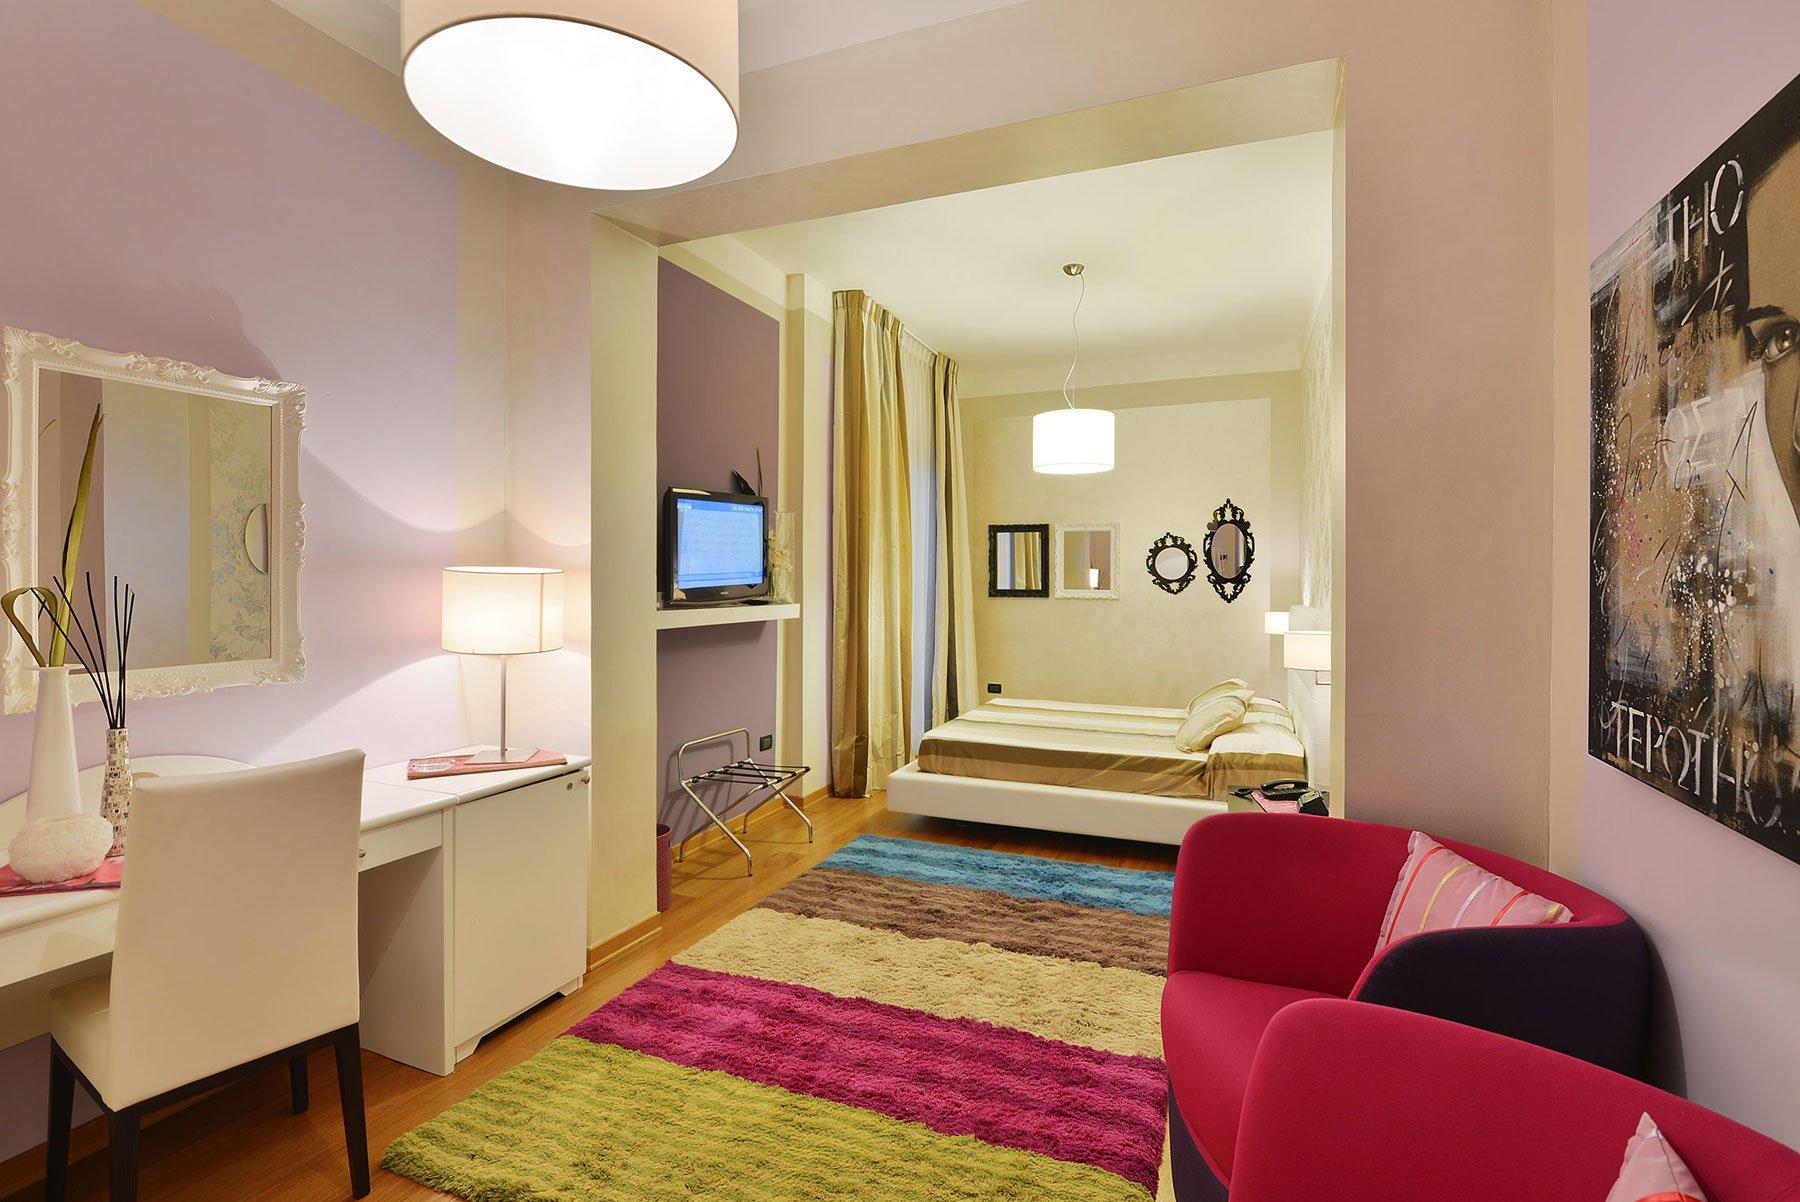 Una stanza con una scrivania e due poltrone di color fucsia